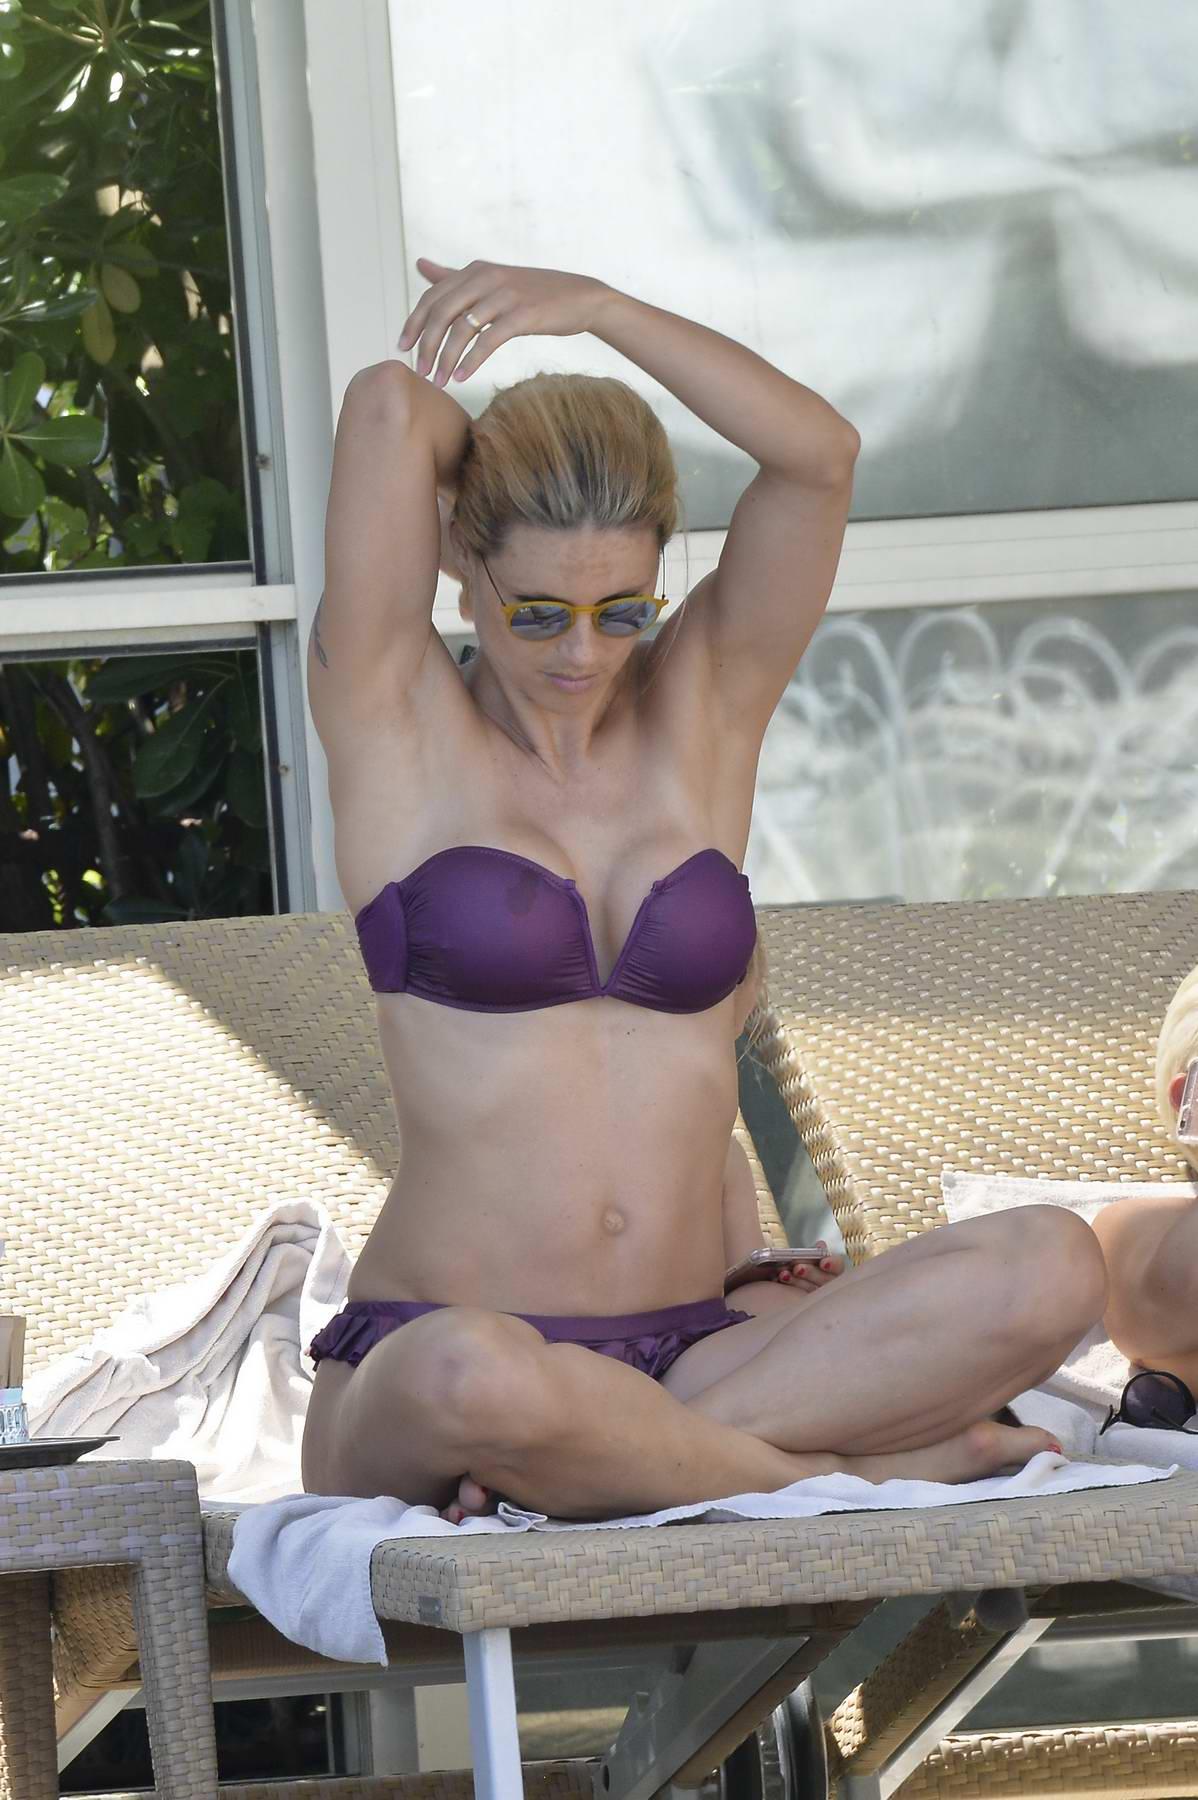 Michelle Hunziker relaxing by the Pool in a Purple Bikini